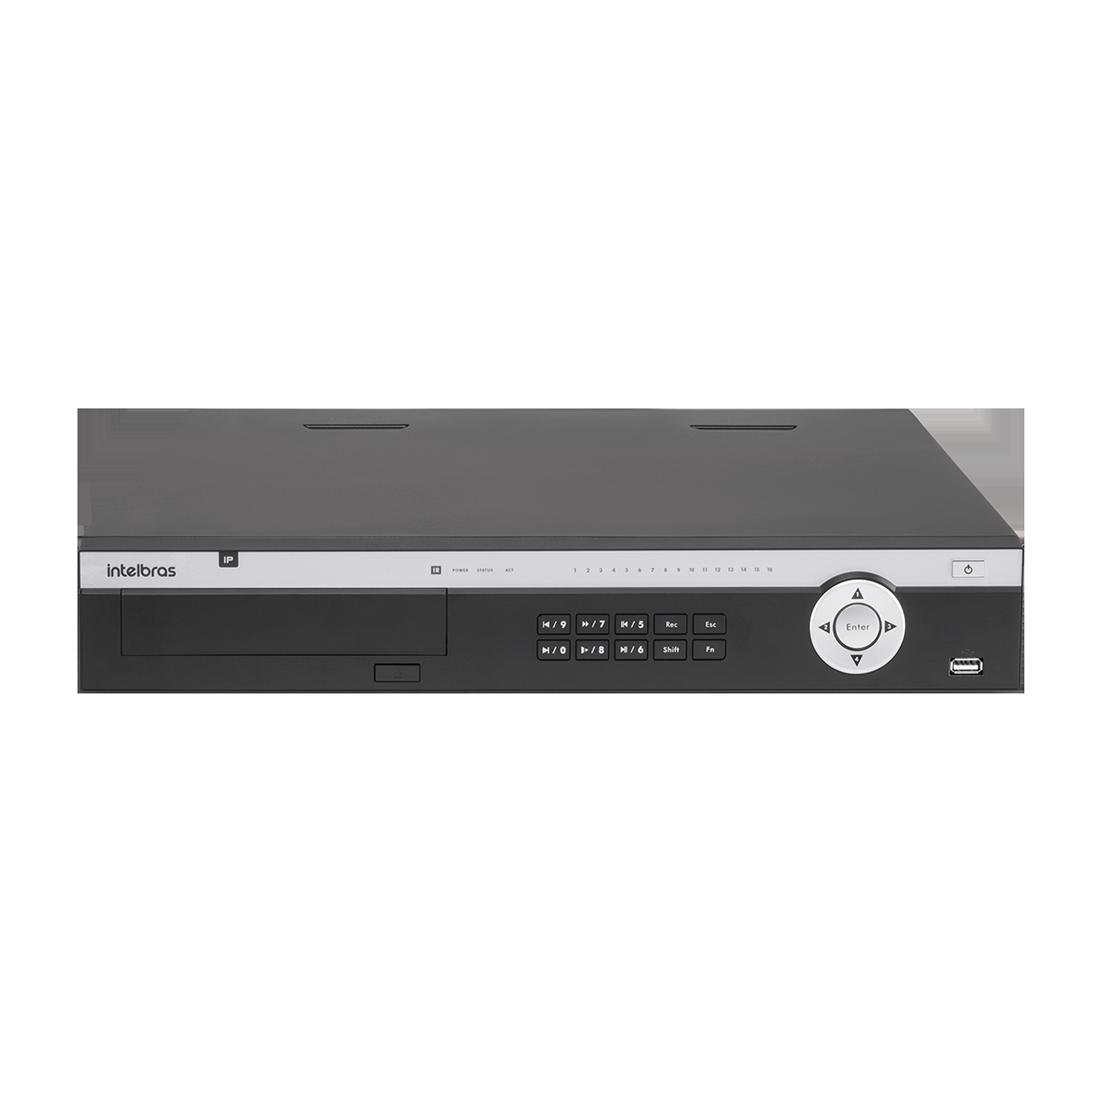 NVD 7132 C/ HD 10TB - GRAV. DIG. DE VÍDEO EM REDE PARA ATÉ 32 CANAIS IP EM FULL HD @ 30 FPS, INTELIGÊNCIA DE VIDEO EM TODOS OS CANAIS, H.265, SUPORTE PARA 8HDS E SUPORTA CÂMERAS COM RESOLUÇÃO 4K - PRO  - Sandercomp Virtual